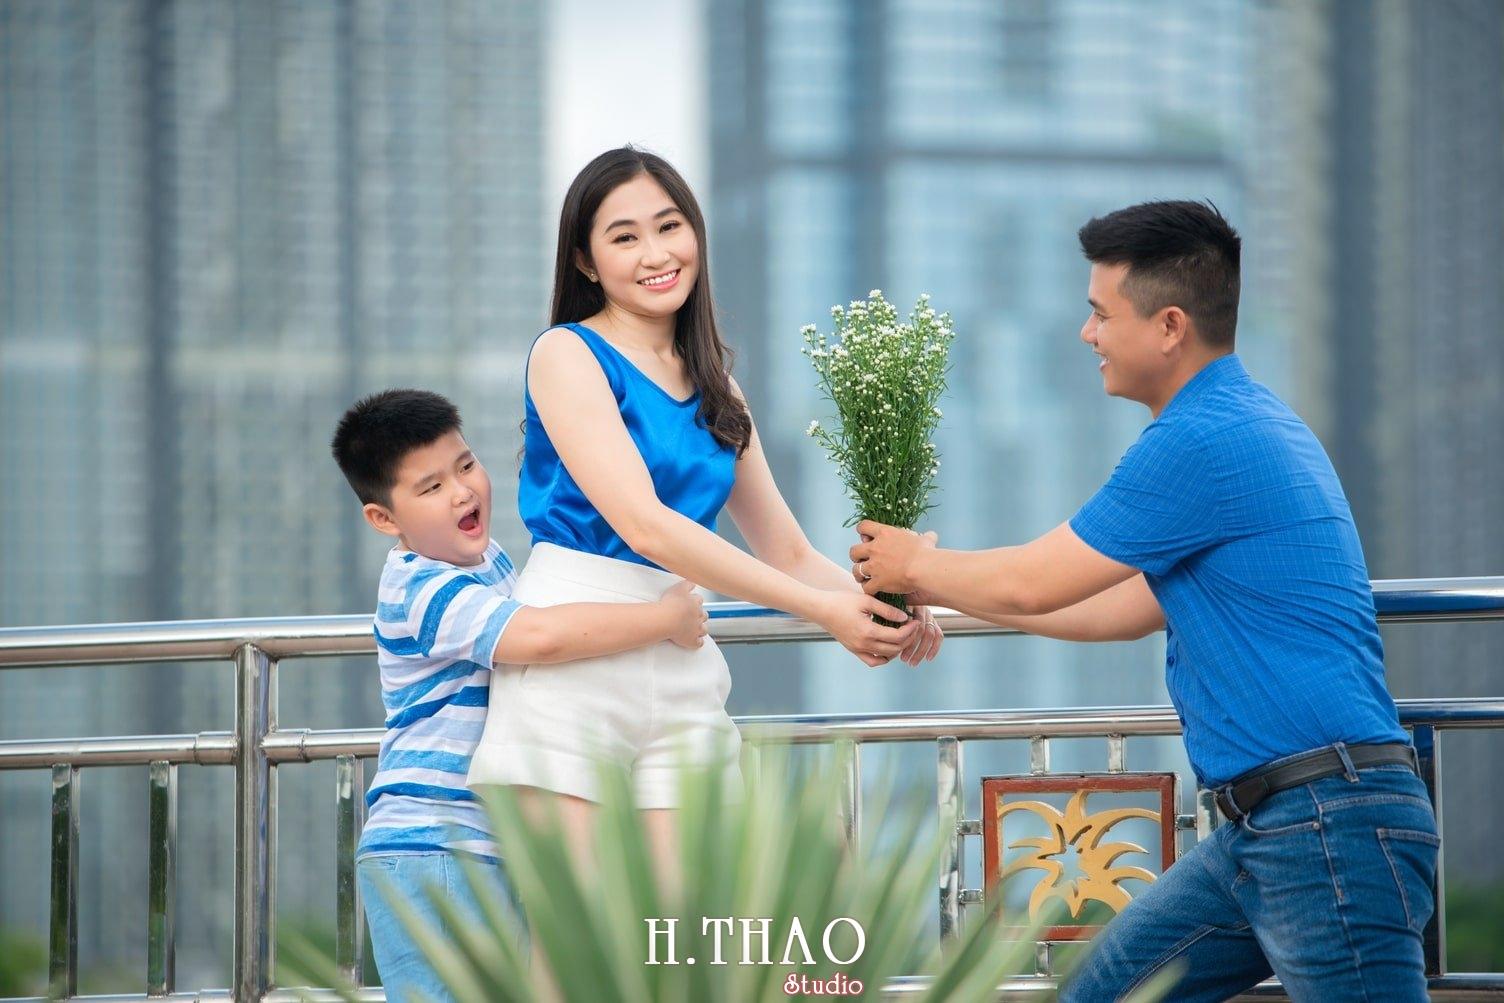 Anh Gia dinh 3 nguoi 1 - Bộ ảnh gia đình 3 người chụp ngoại cảnh đẹp tự nhiên - HThao Studio